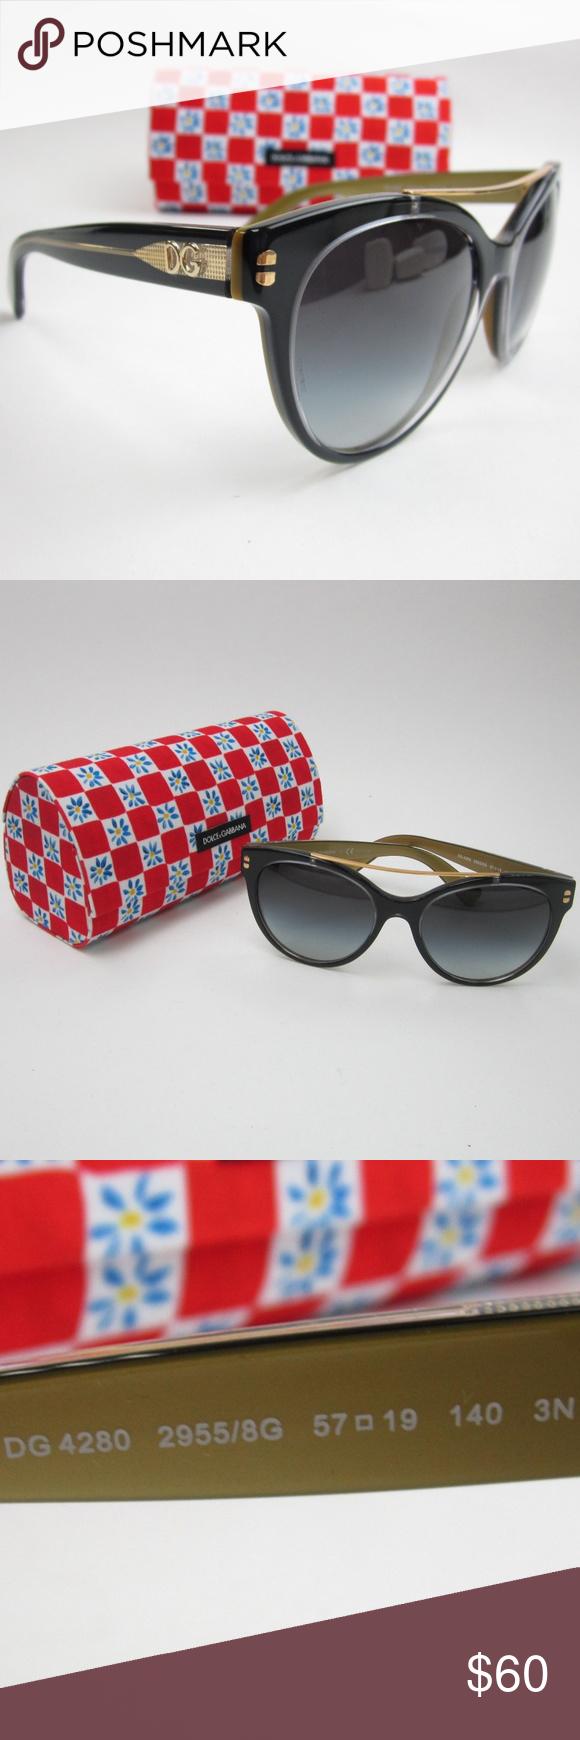 a4b58e564bdd Dolce  amp  Gabbana DG4280 Women s Sunglasses STI857 Dolce  amp  Gabbana  DG4280 2955